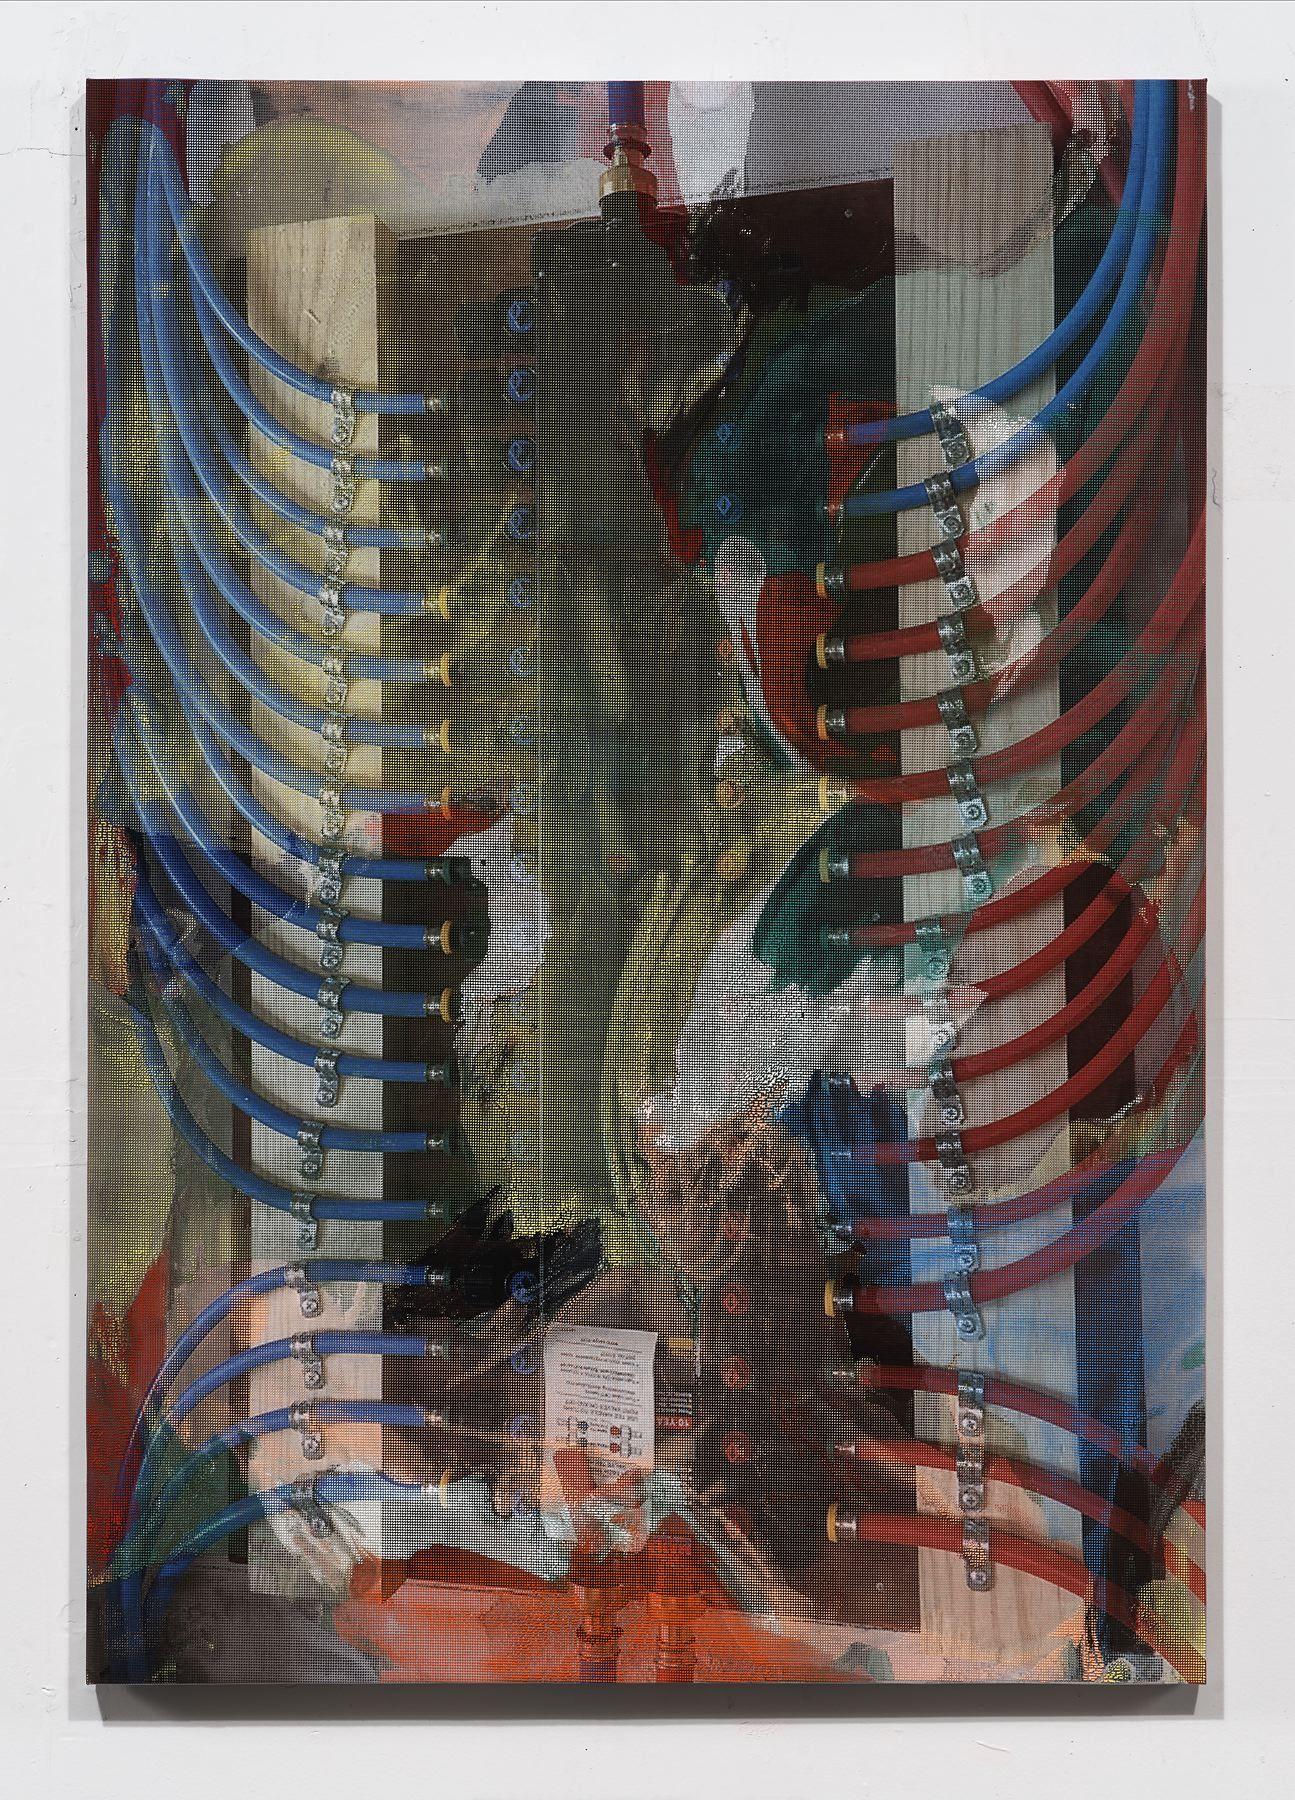 Manifold Painting (Manifold 1),2017